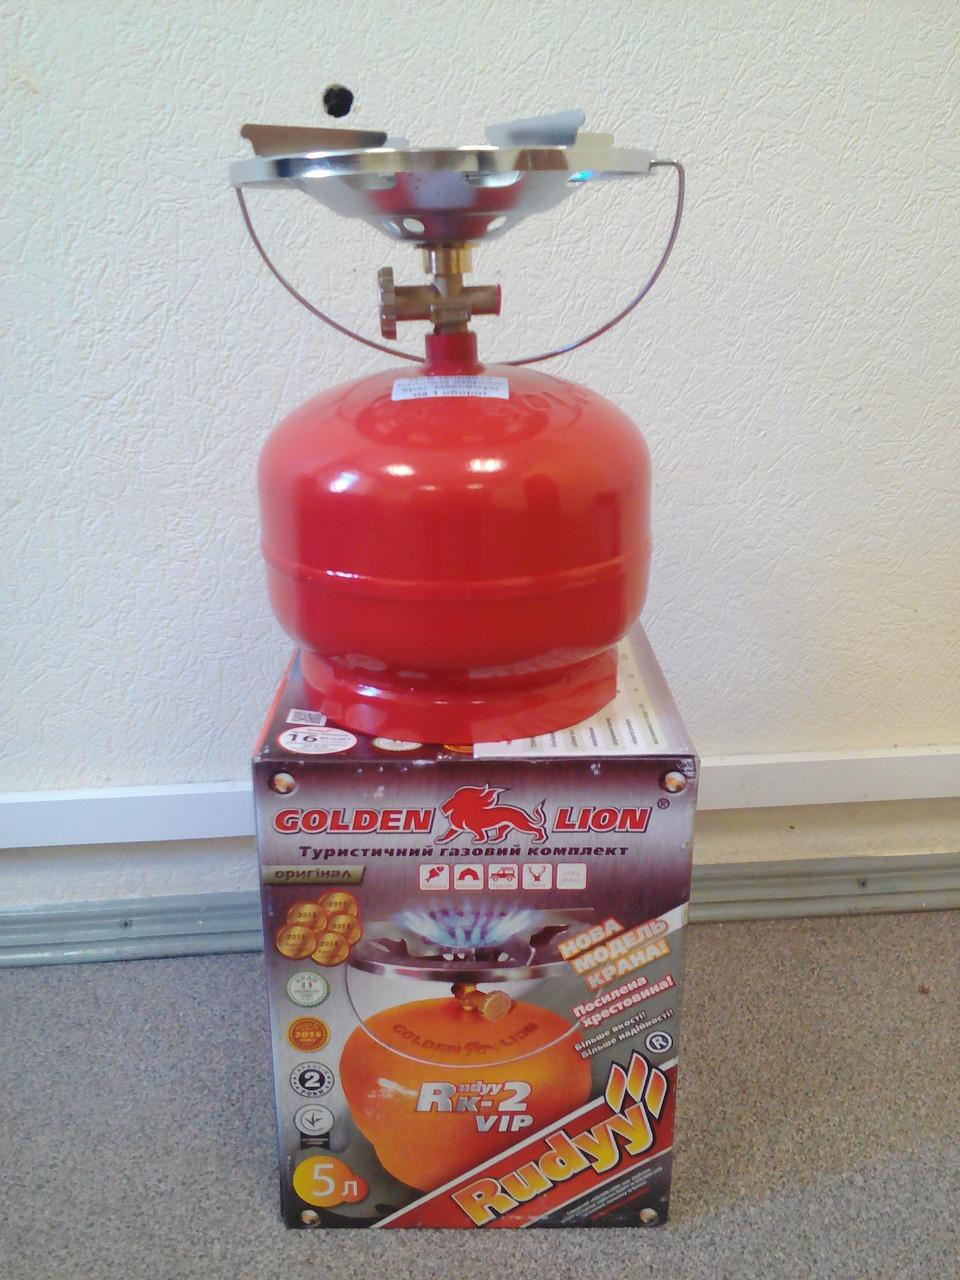 """Газовый комплект 2,5 кВт Golden Lion """"RUDYY Rk-2VIP"""" 5л"""